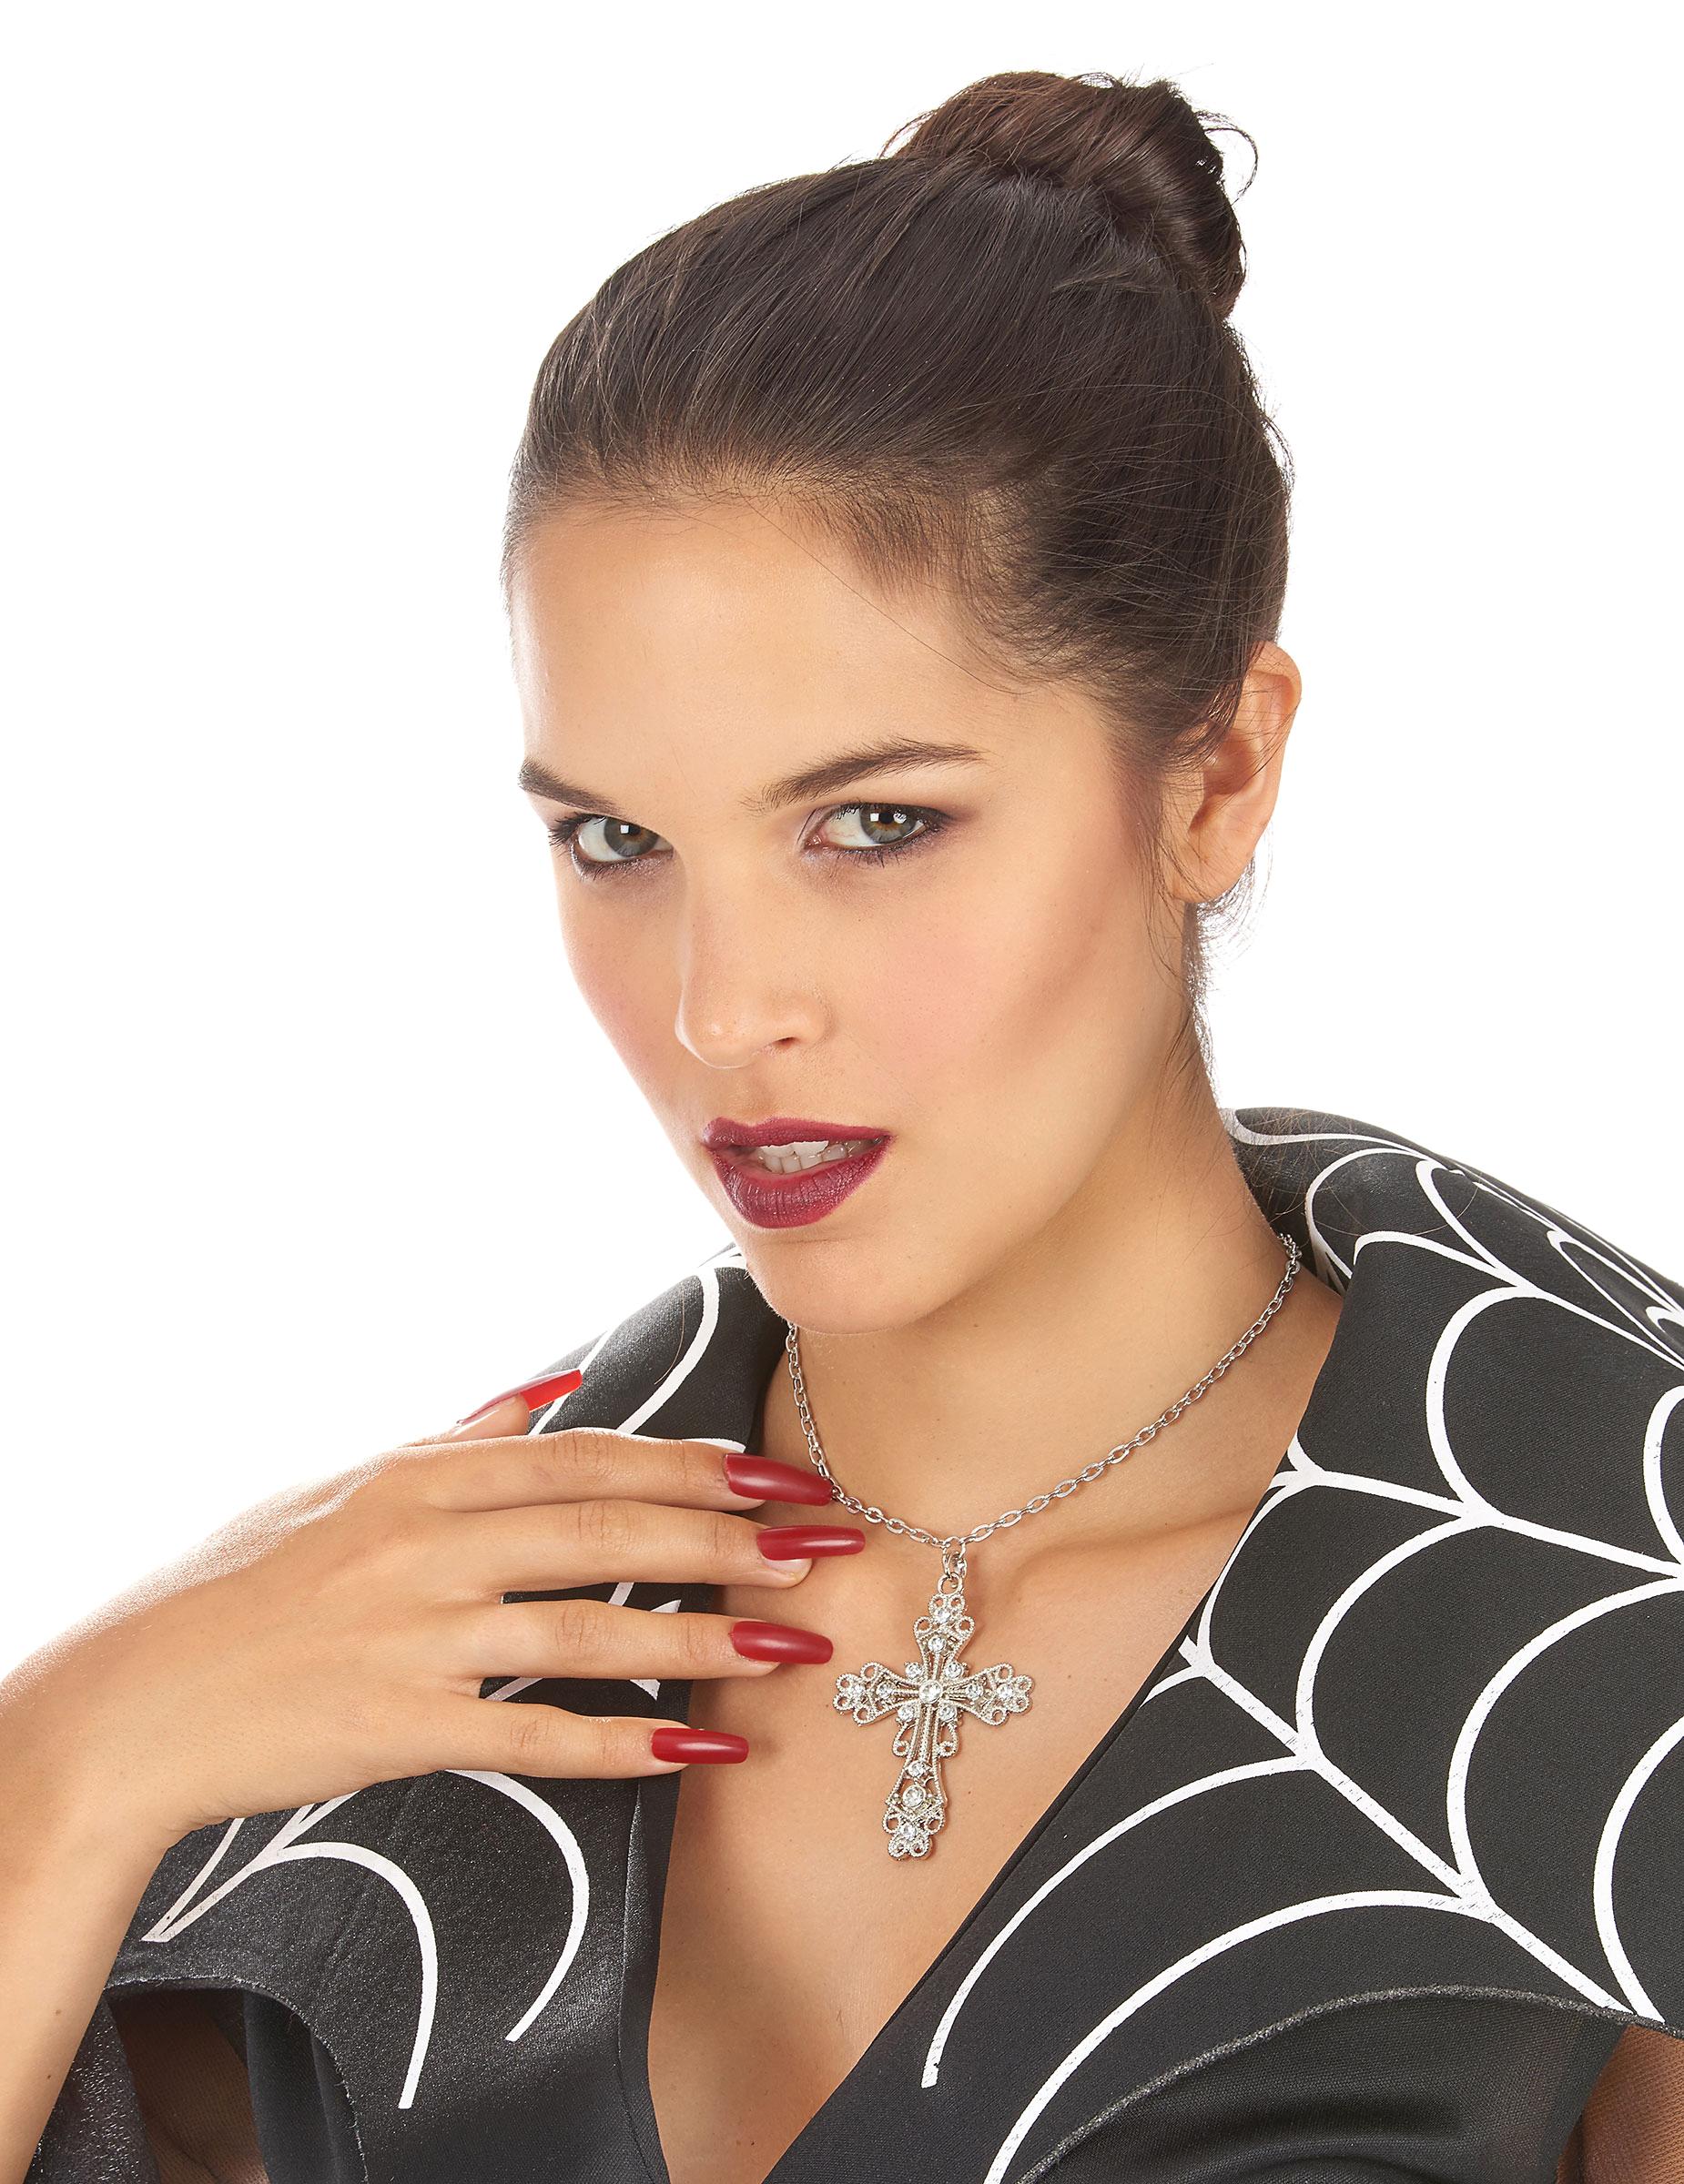 Collier croix fausses pierres pr cieuses deguise toi achat de accessoires - Fausse pierre precieuse ...